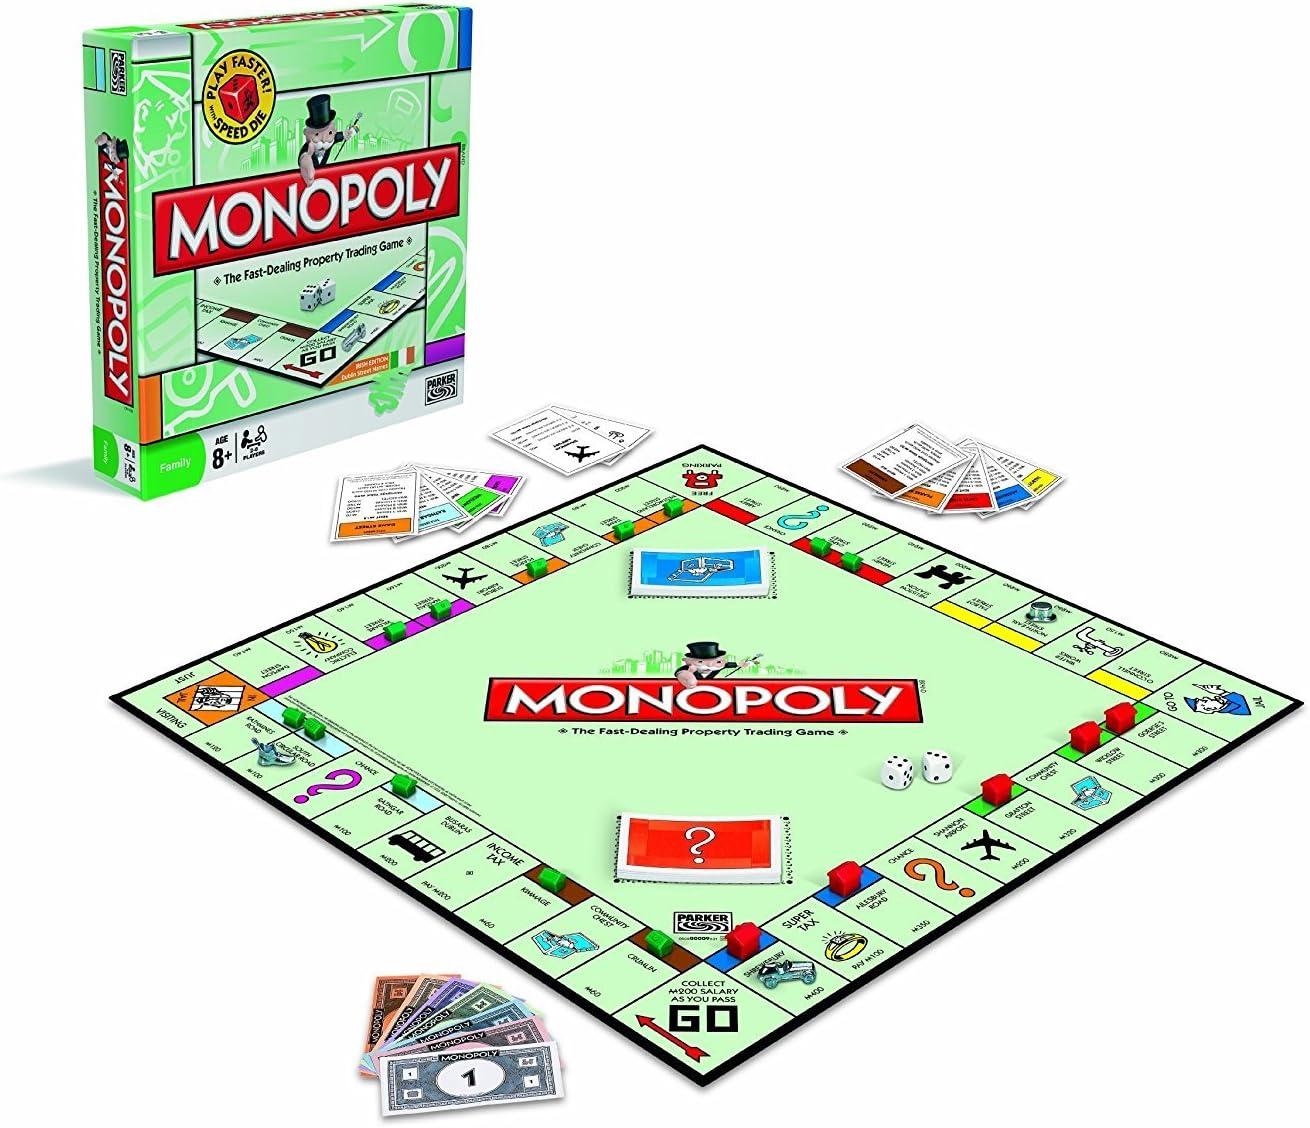 Hasbro A3856 Monopoly Golden Token Bonus - Monopoly edición especial con 5 piezas más (idioma inglés): Amazon.es: Juguetes y juegos